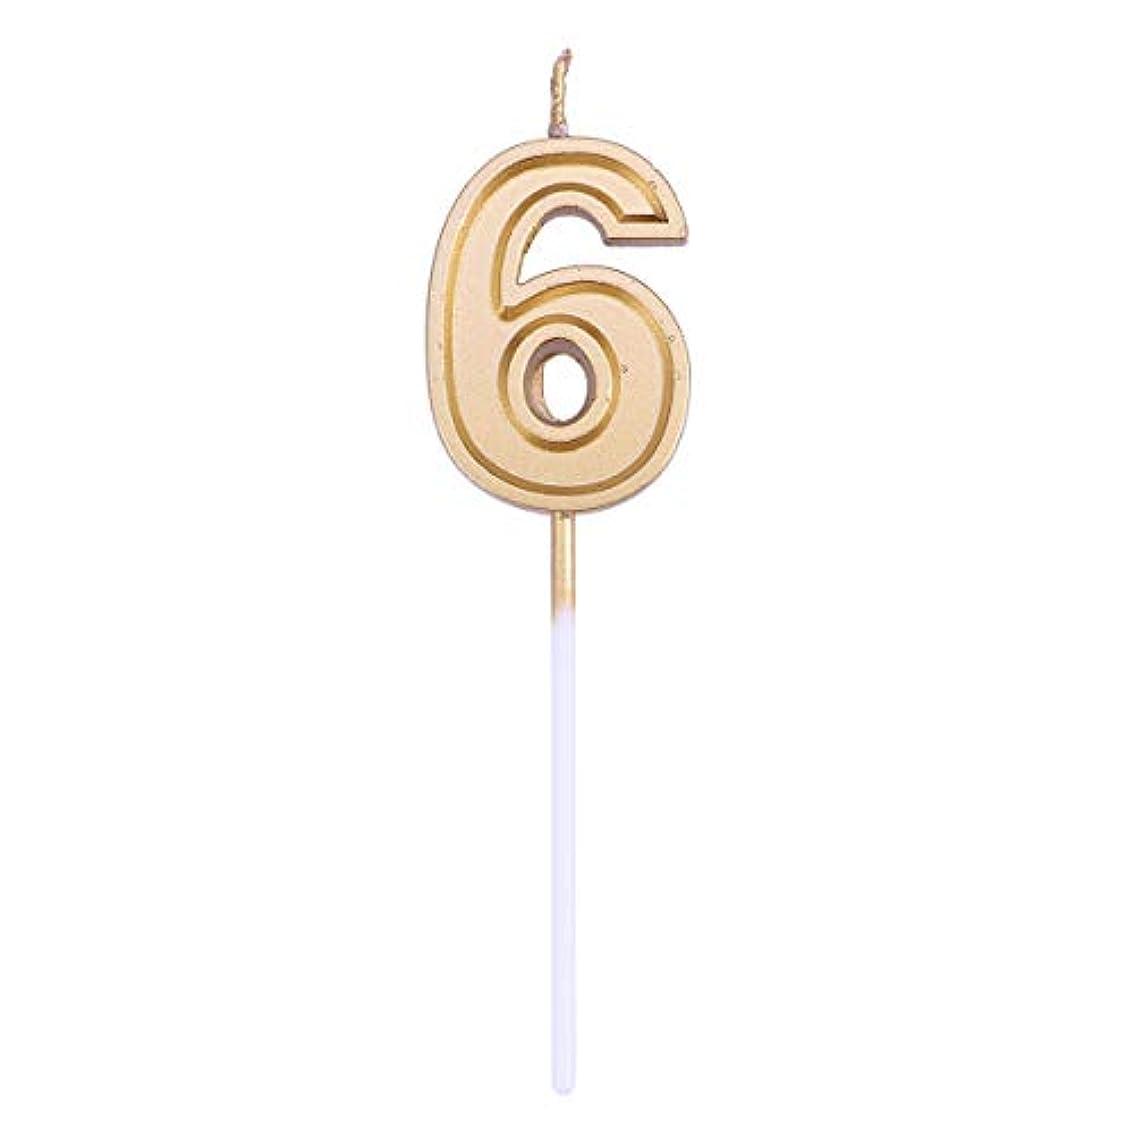 効果抑圧程度YeahiBaby 番号6キャンドルゴールドラメ誕生日番号キャンドルケーキトッパー装飾